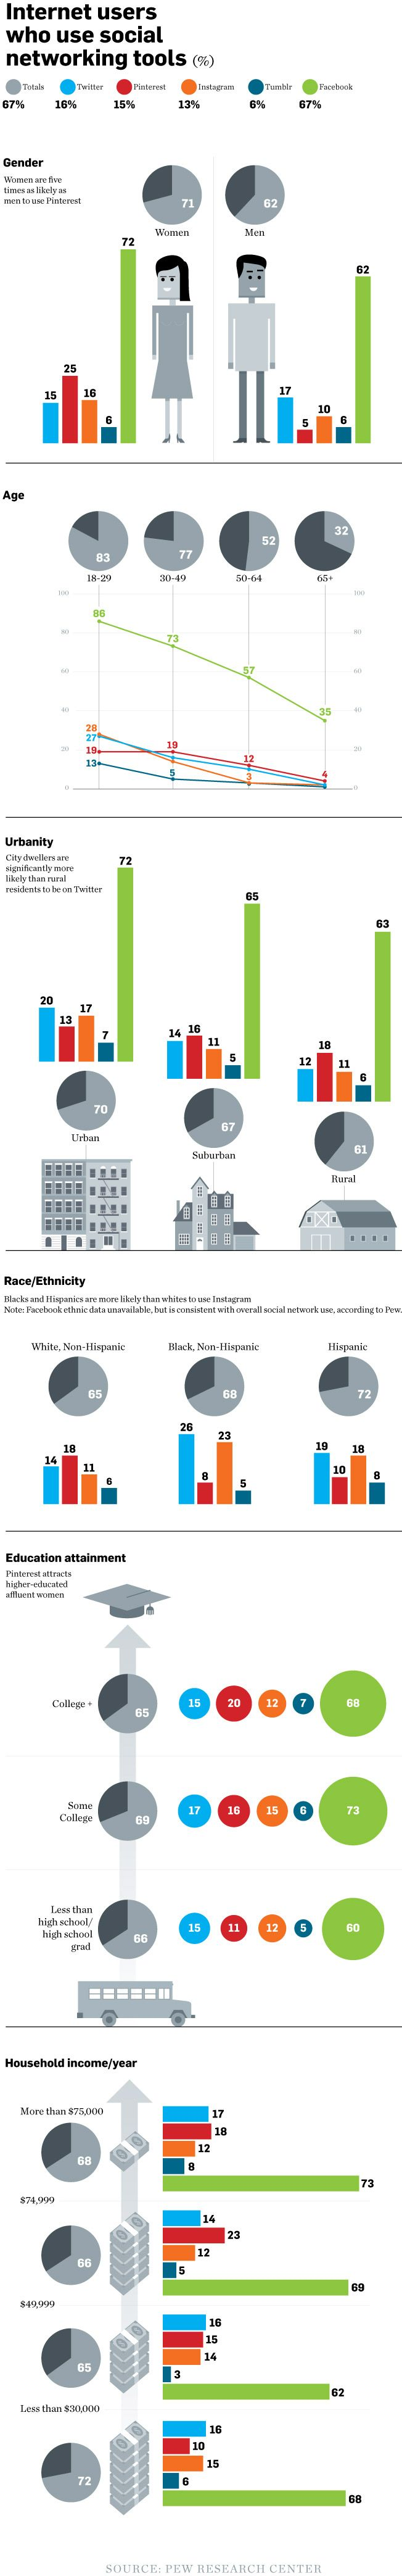 Demografía de las Redes Sociales: quienes usan Facebook, Twitter, Pinterest, Tumblr e Instagram